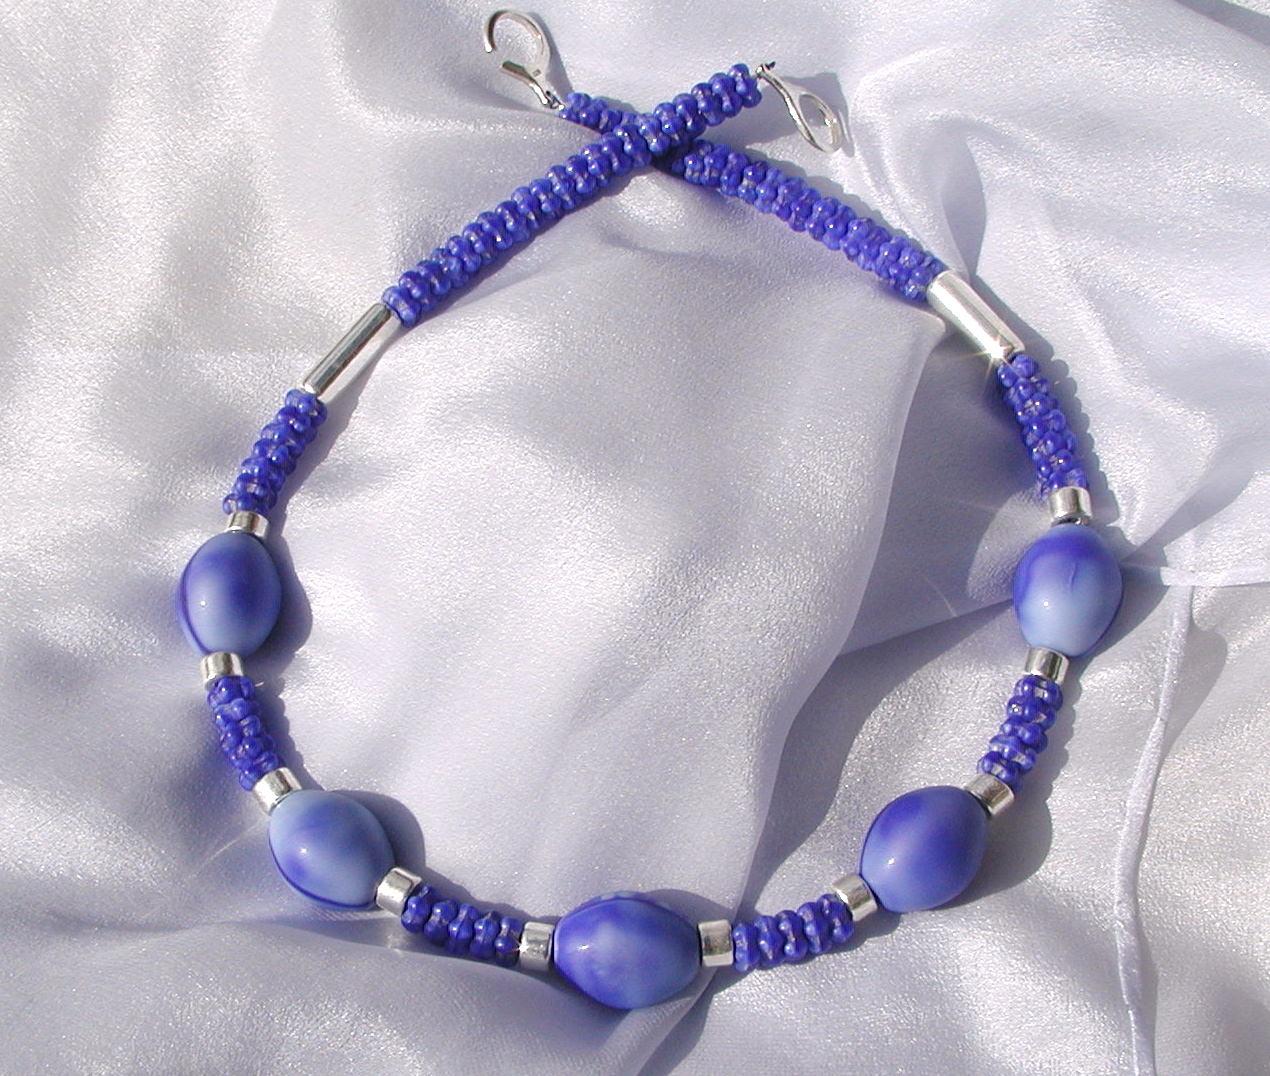 Kleinesbild - Halskette AFRIKA BLAU  Handelsperlen, Keramik versilbert 925erSilber Unikat